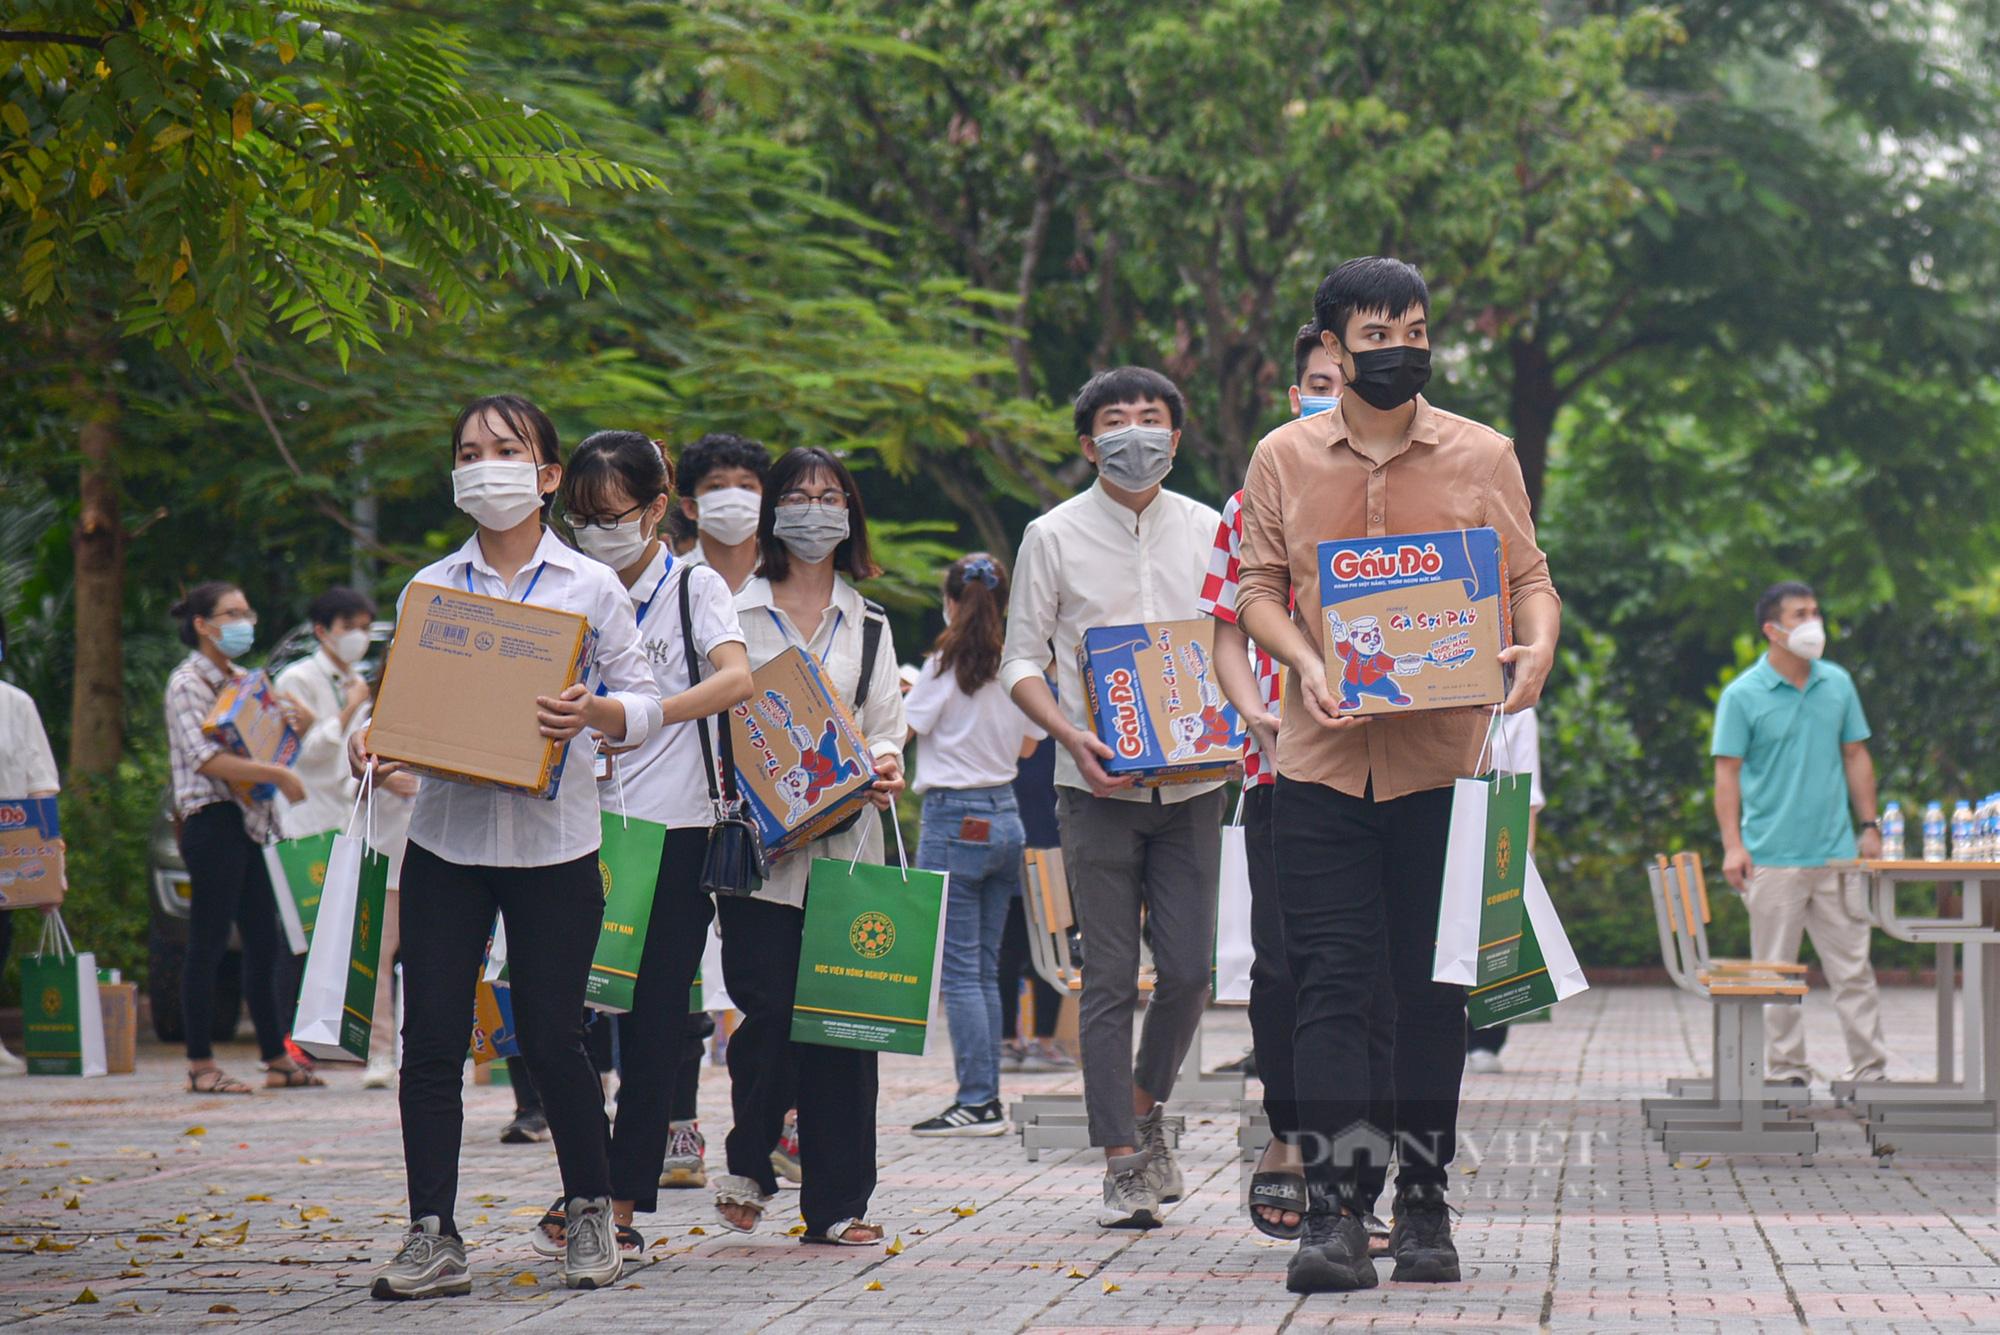 200 suất quà của bạn đọc Báo NTNN/Điện tử Dân Việt được trao đến tay sinh viên Học viện Nông nghiệp Việt Nam - Ảnh 9.